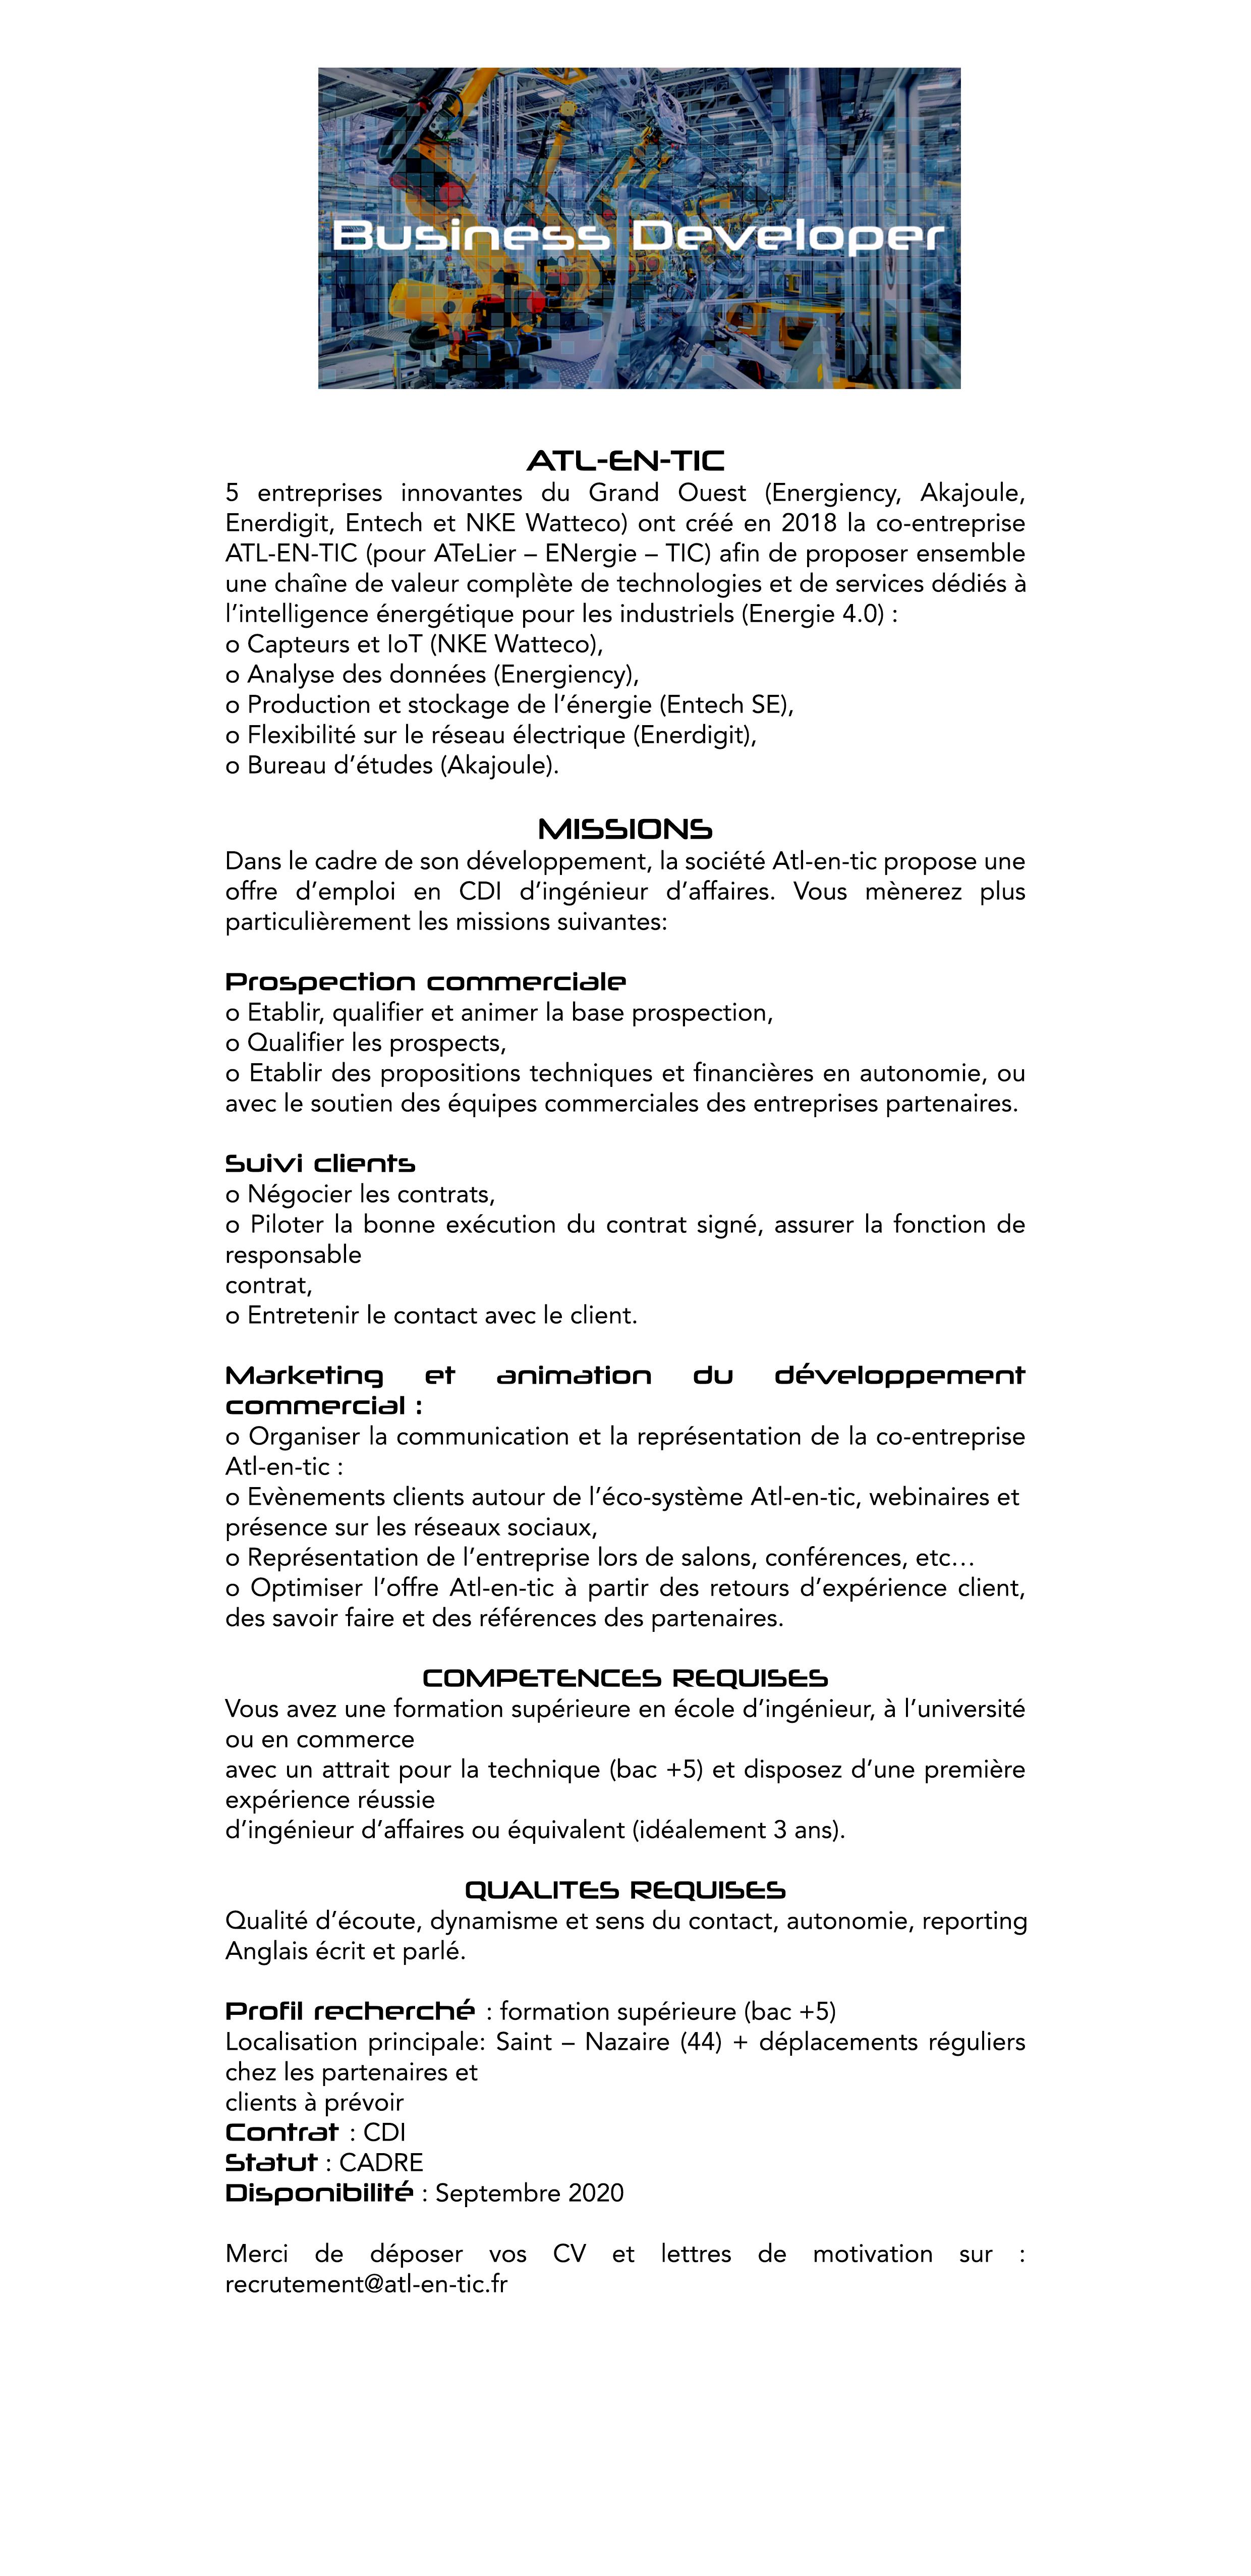 2020-06-03 business dev atlentic DL